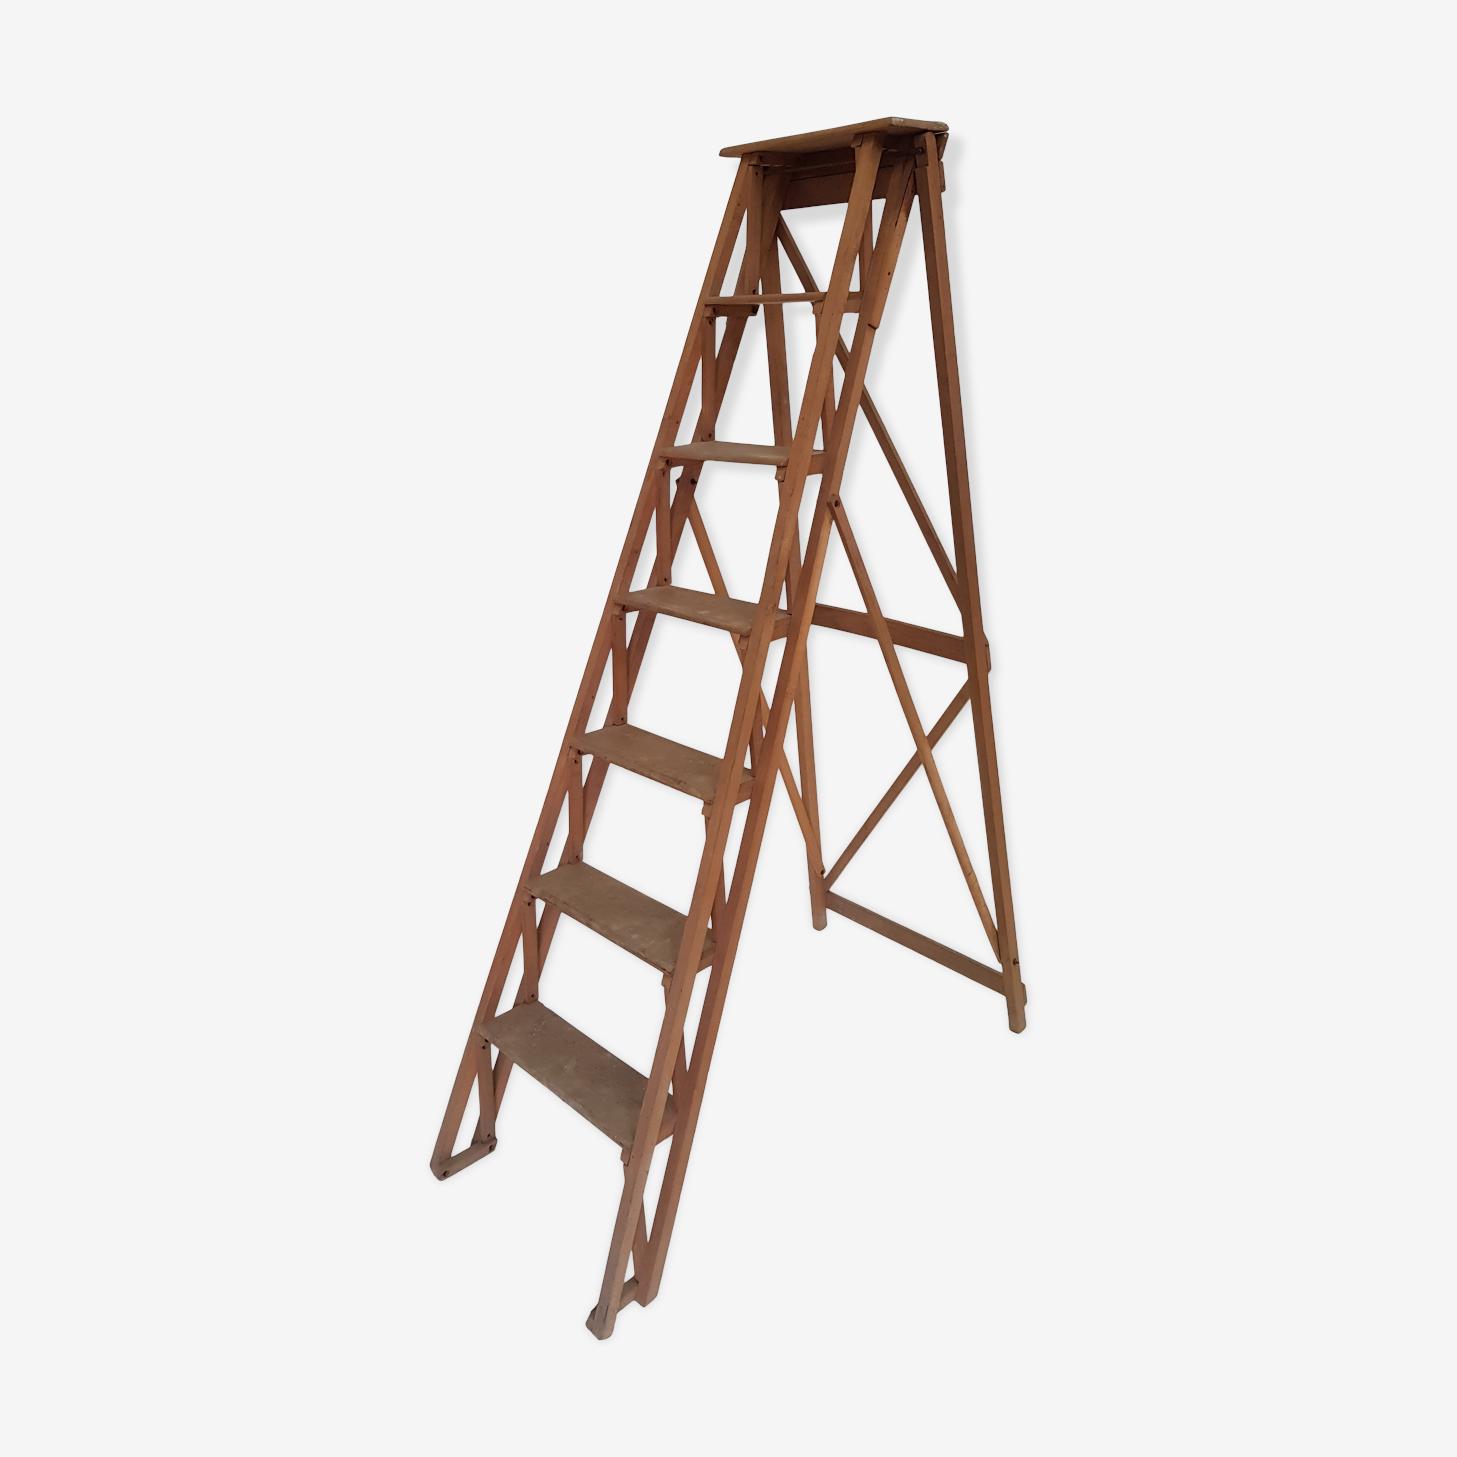 Stepladder decorative vintage wooden